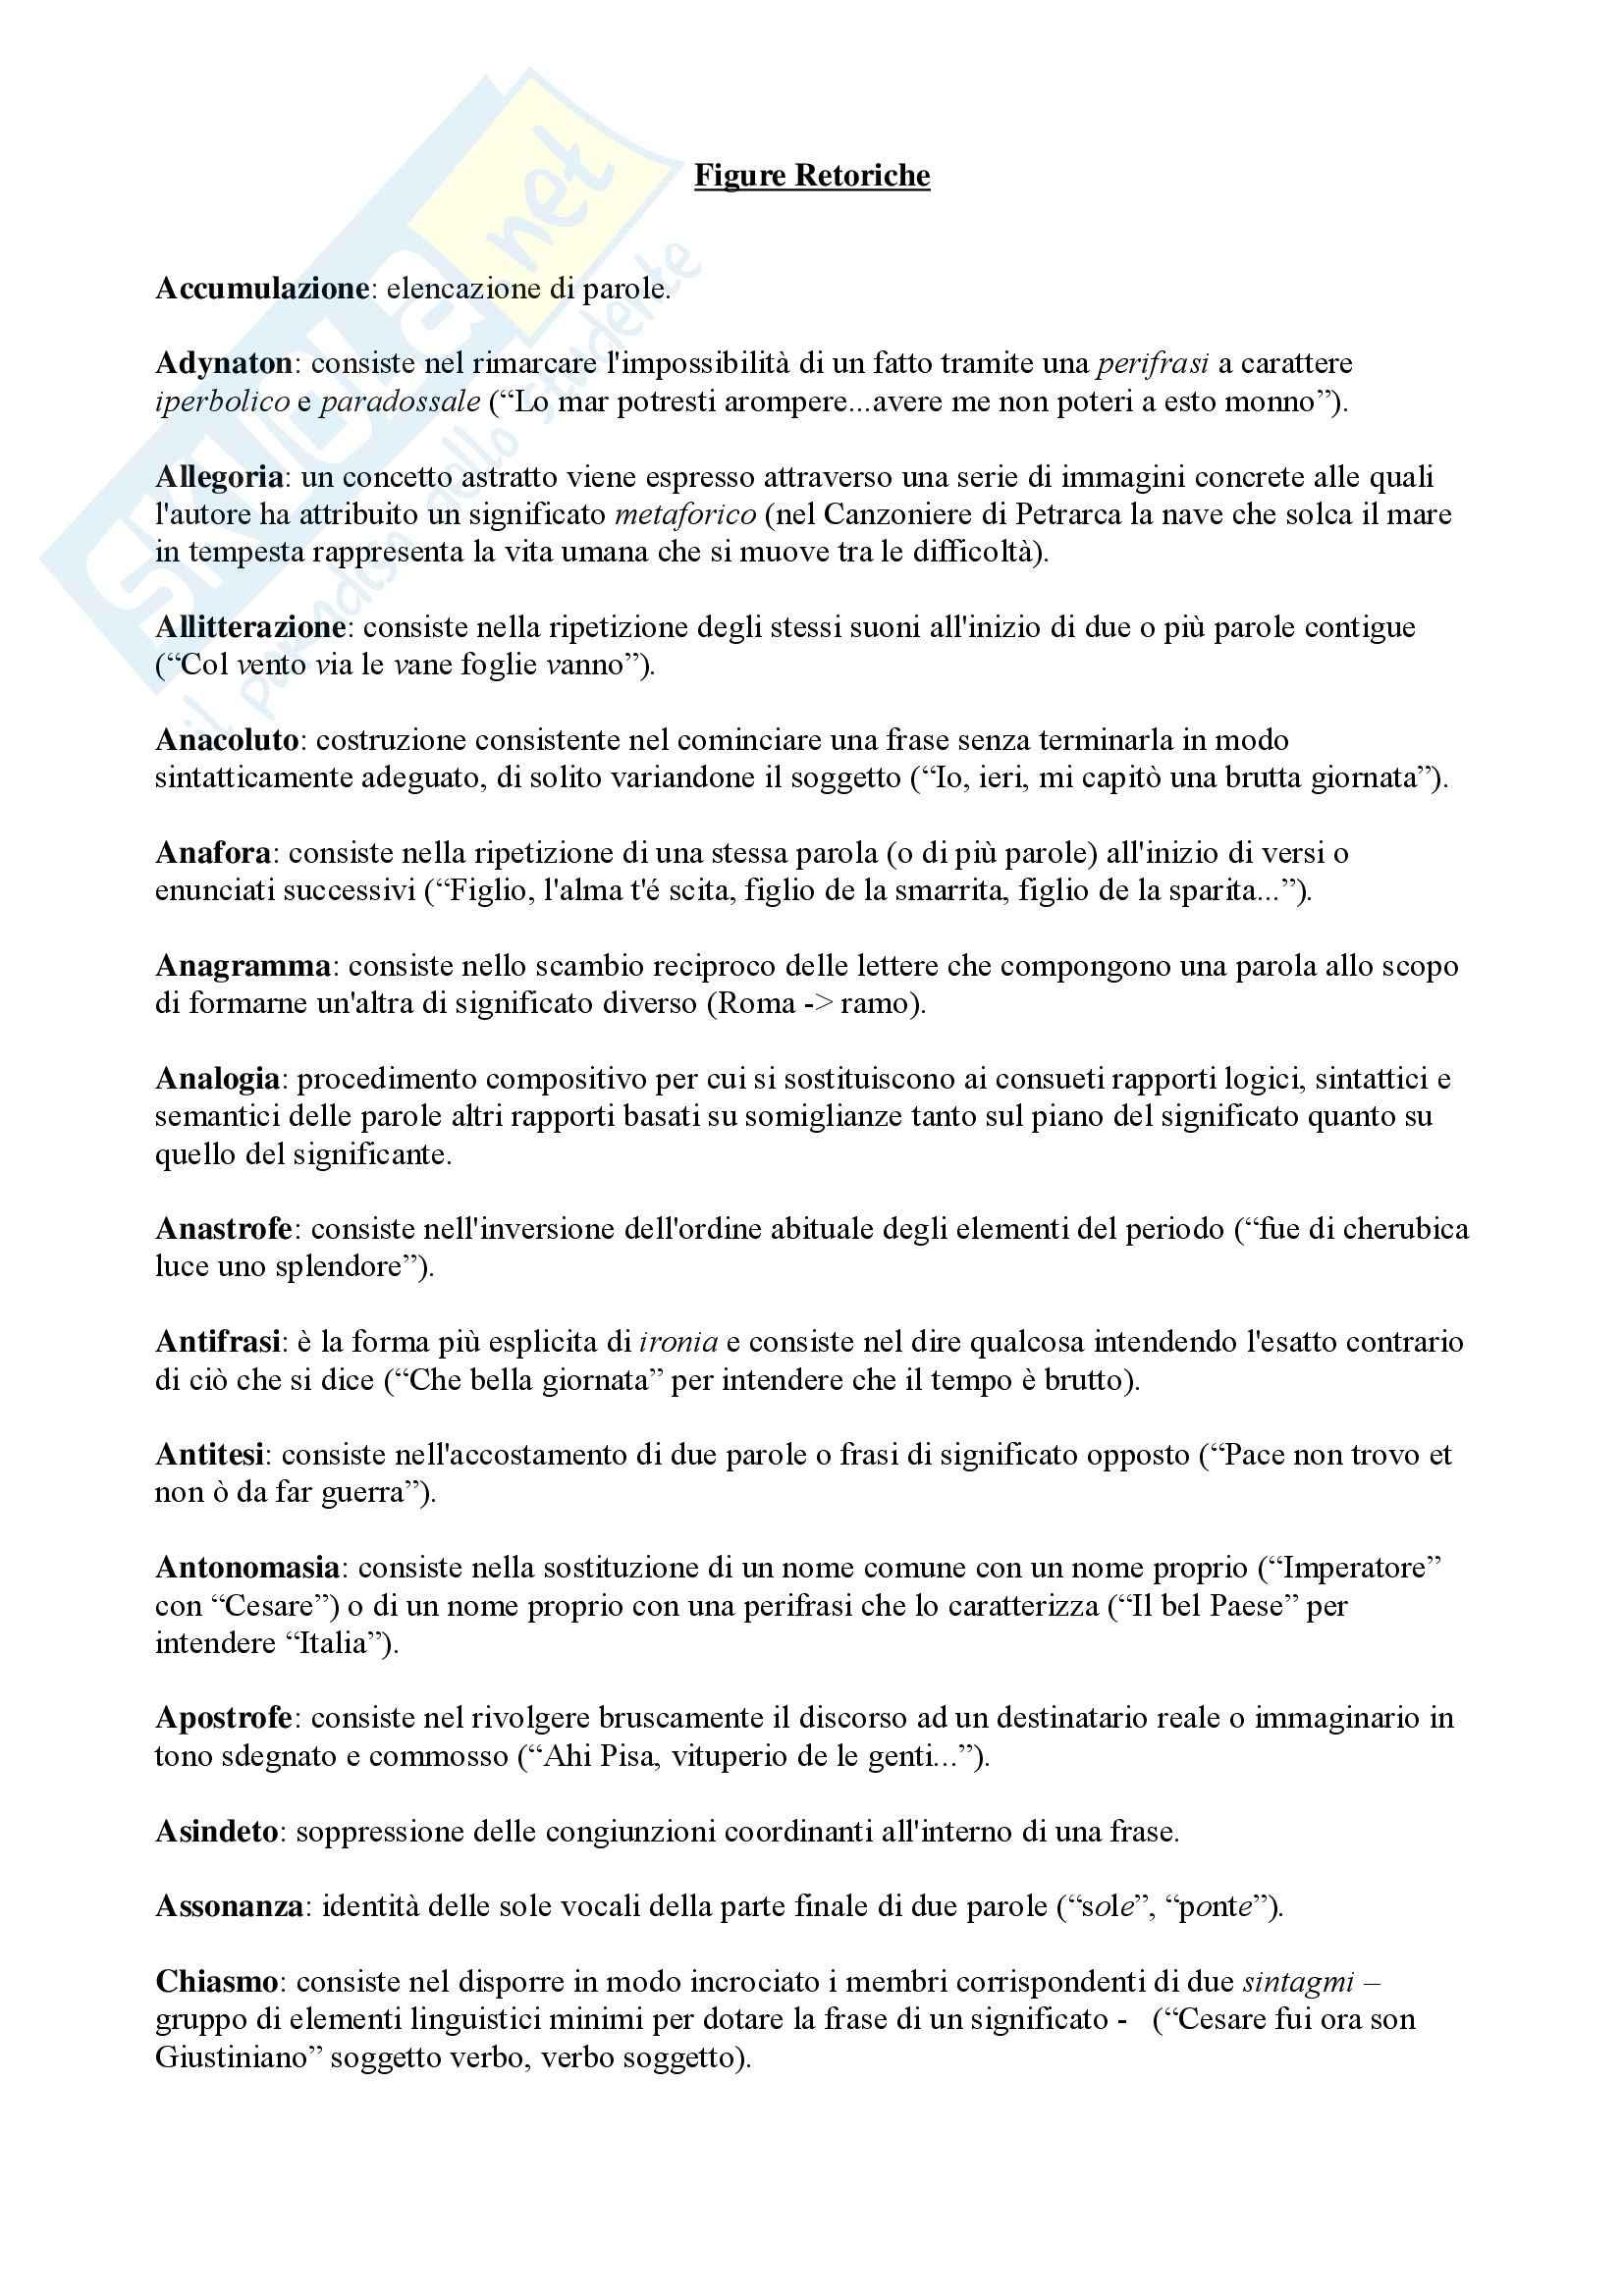 Letteratura italiana - figure retoriche - Analisi